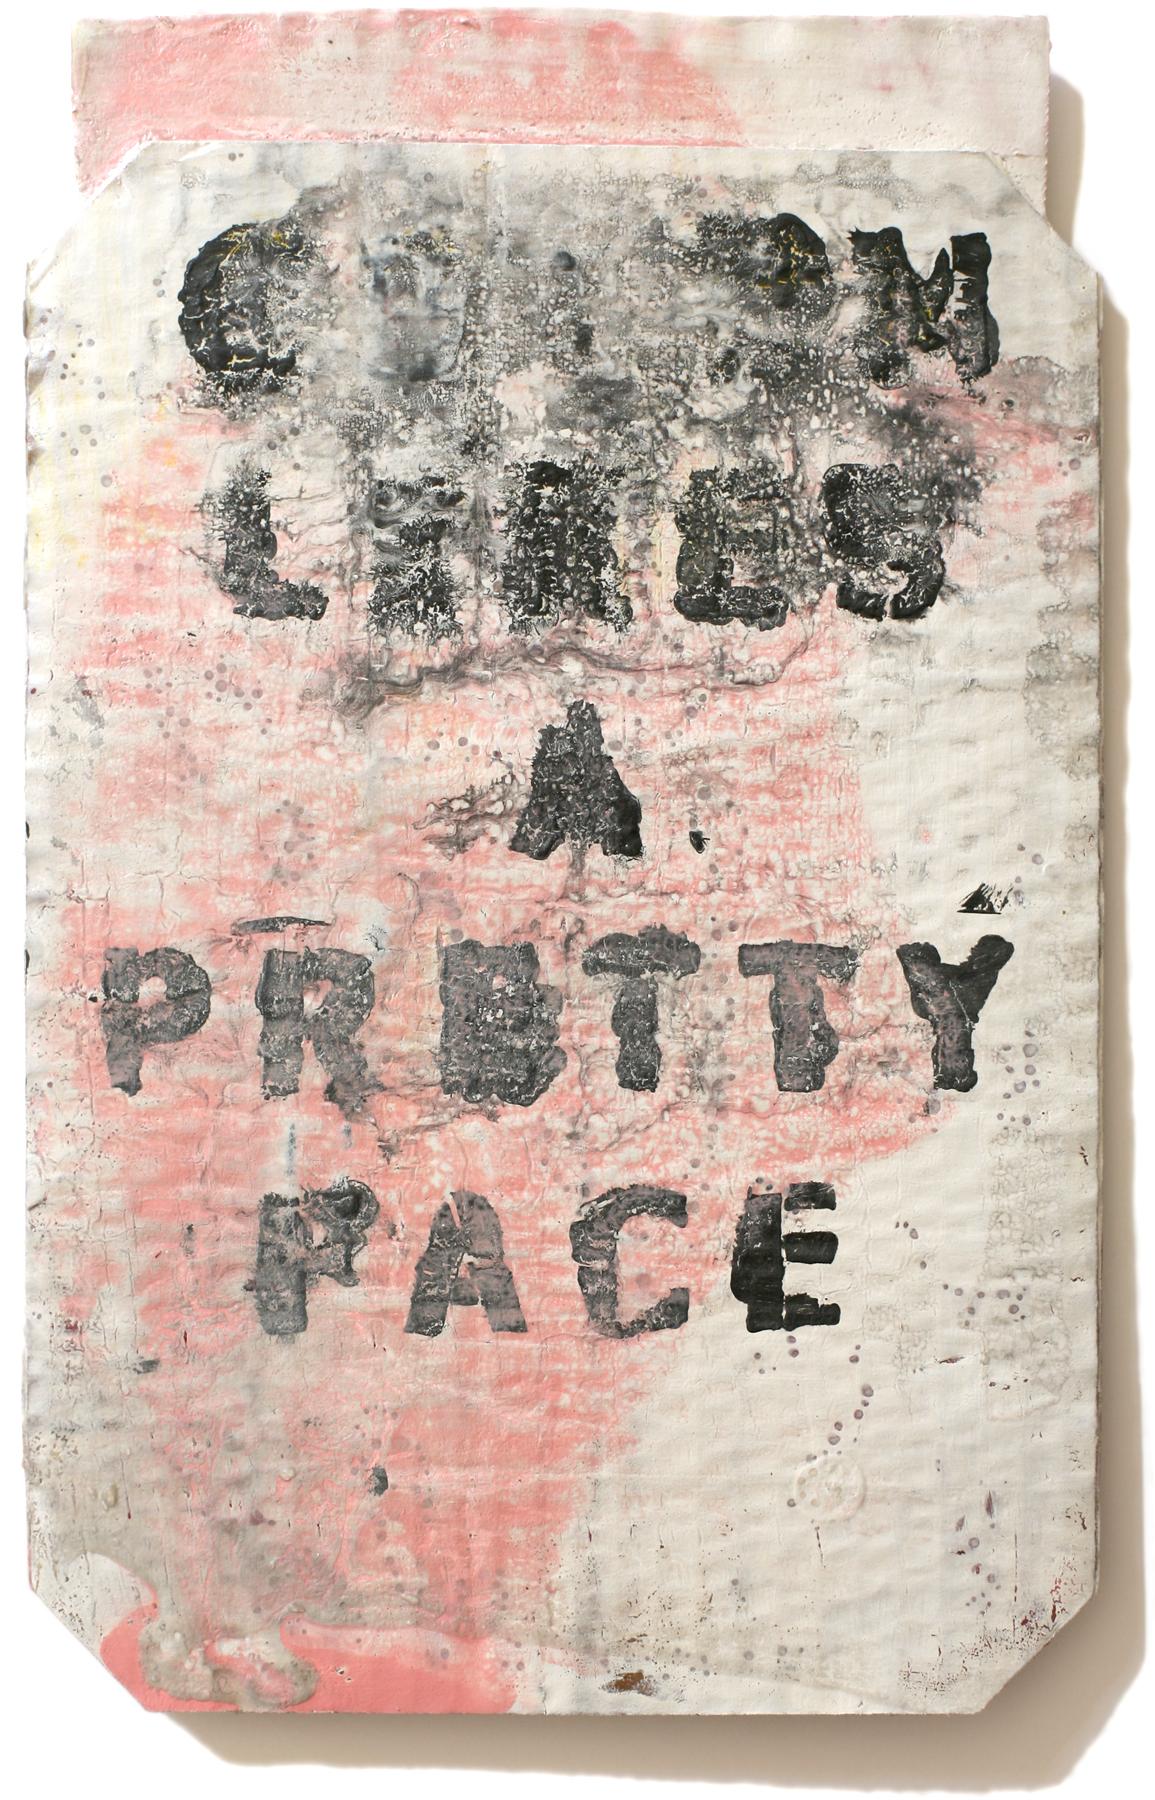 PrettyFace.jpg